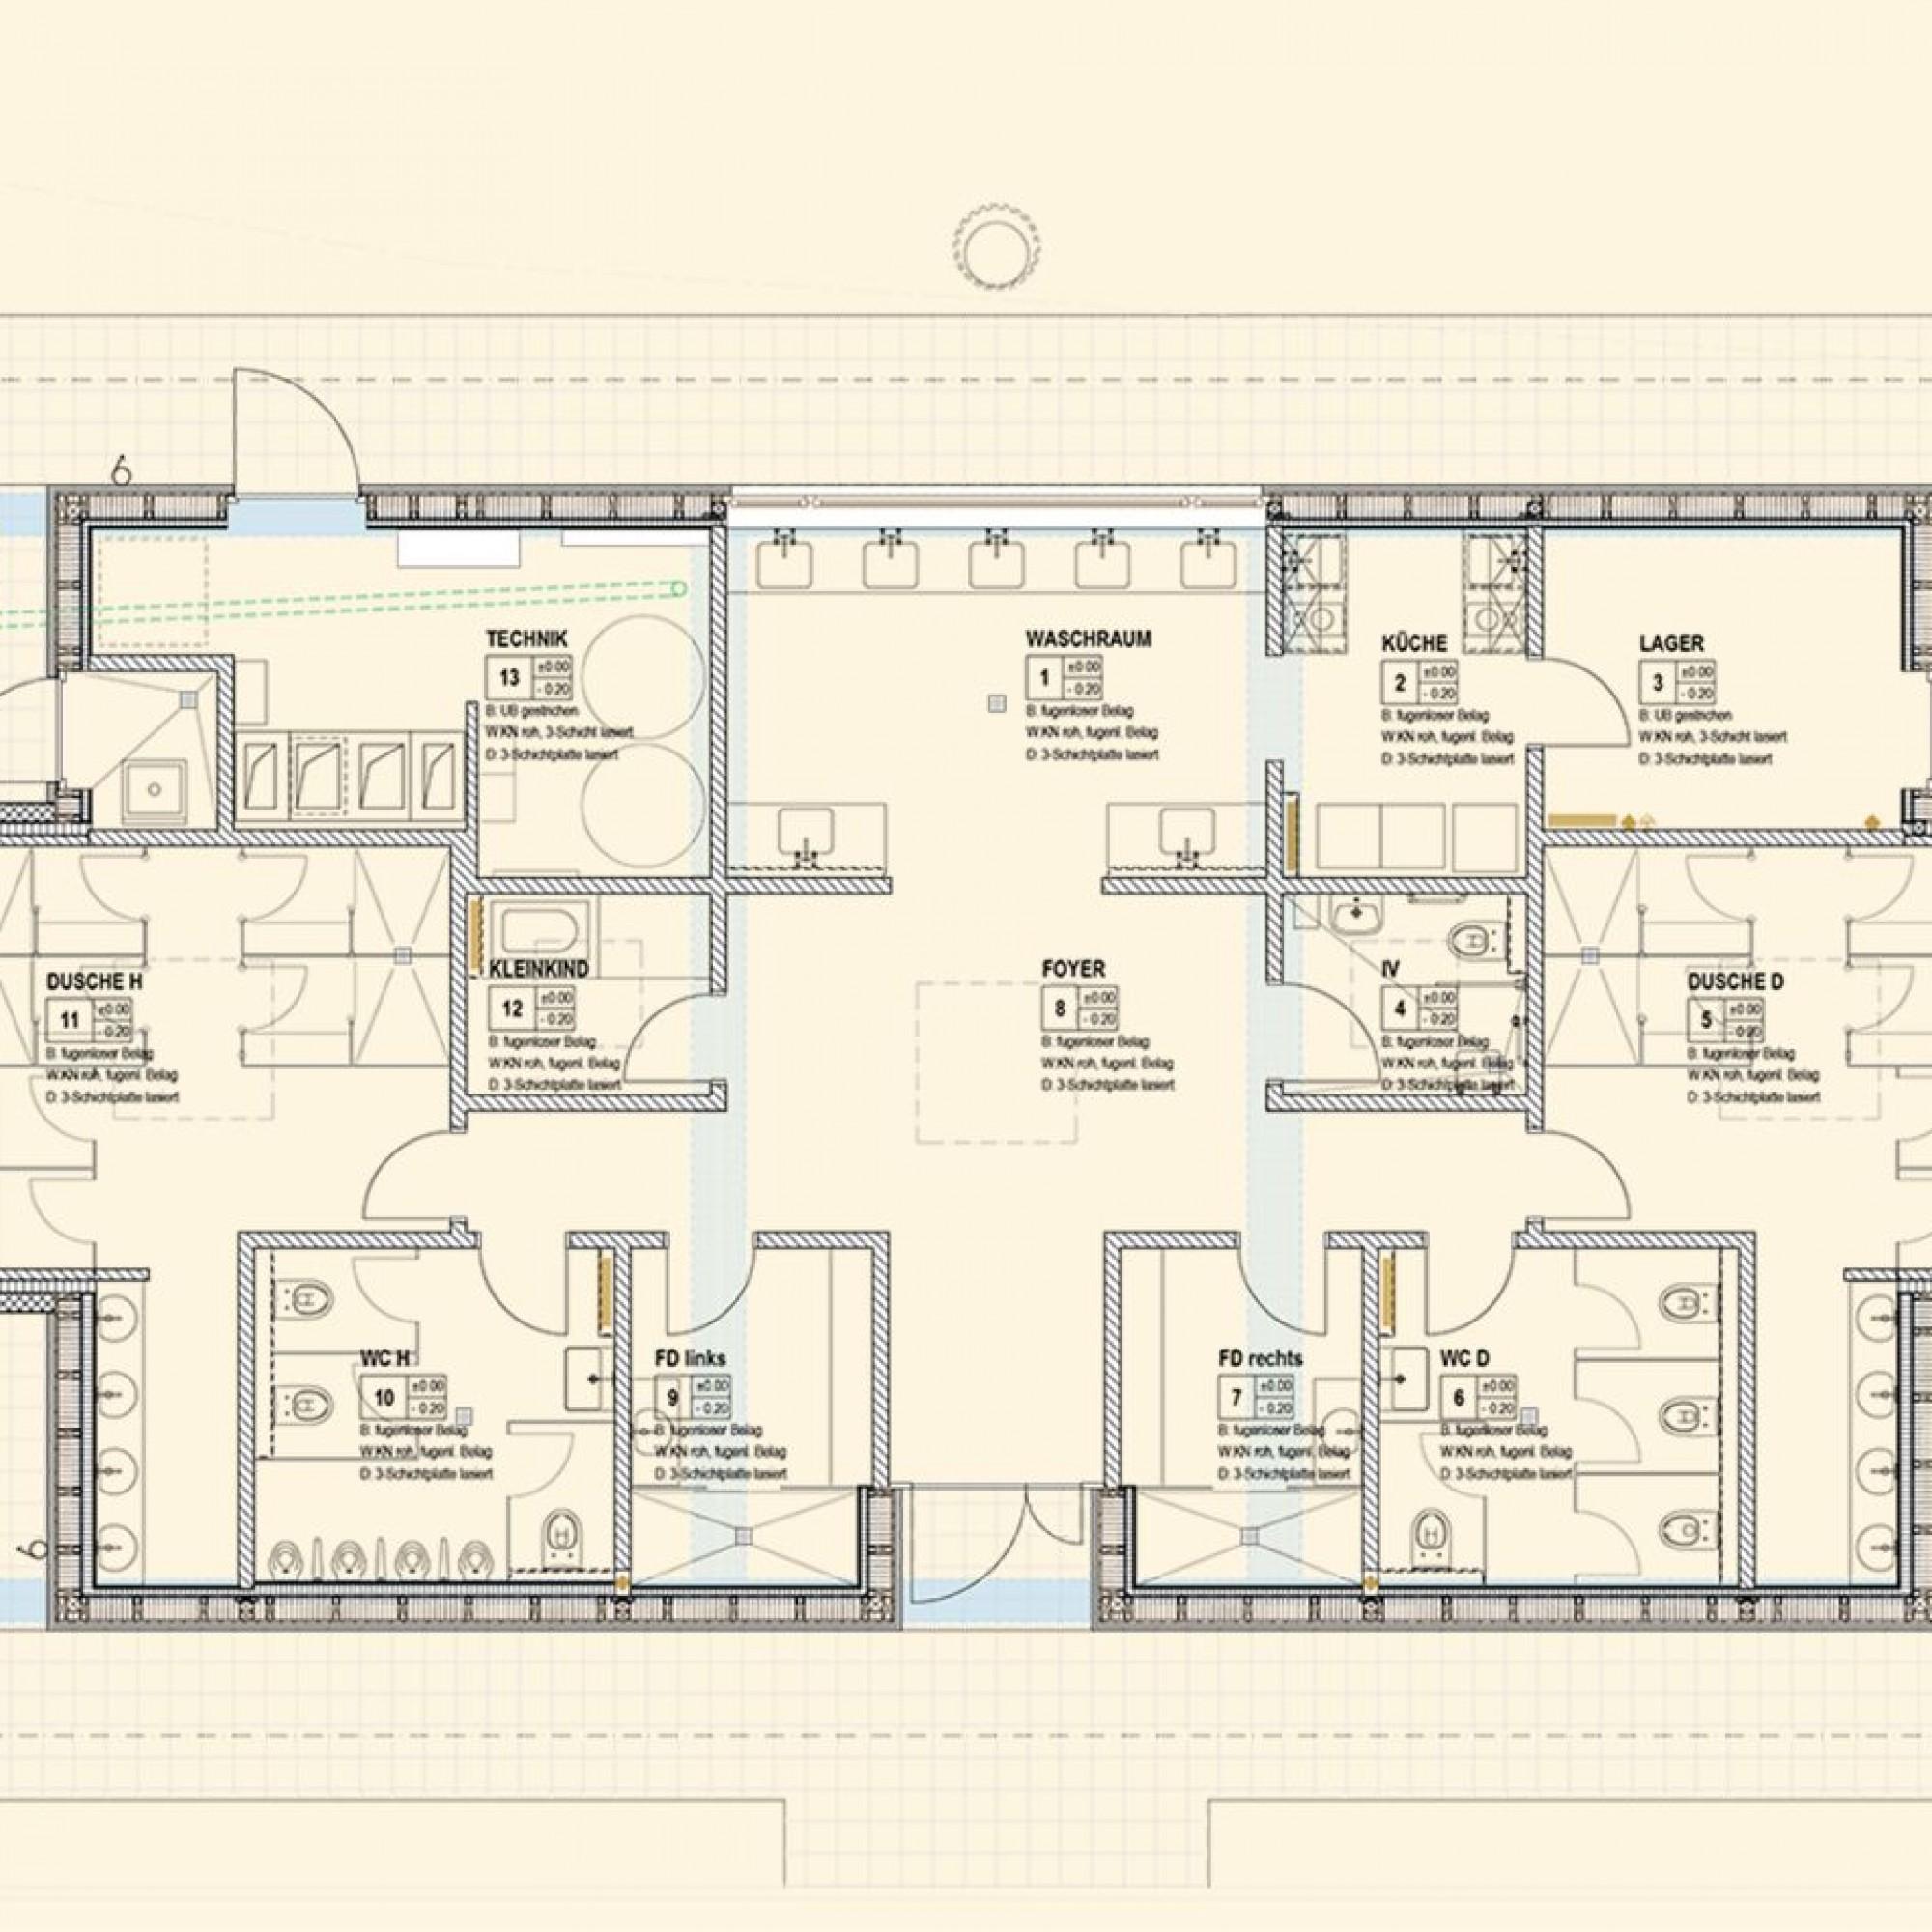 Der Grundriss des neuen Sanitärgebäudes zeigt einen streng symetrischen Aufbau.